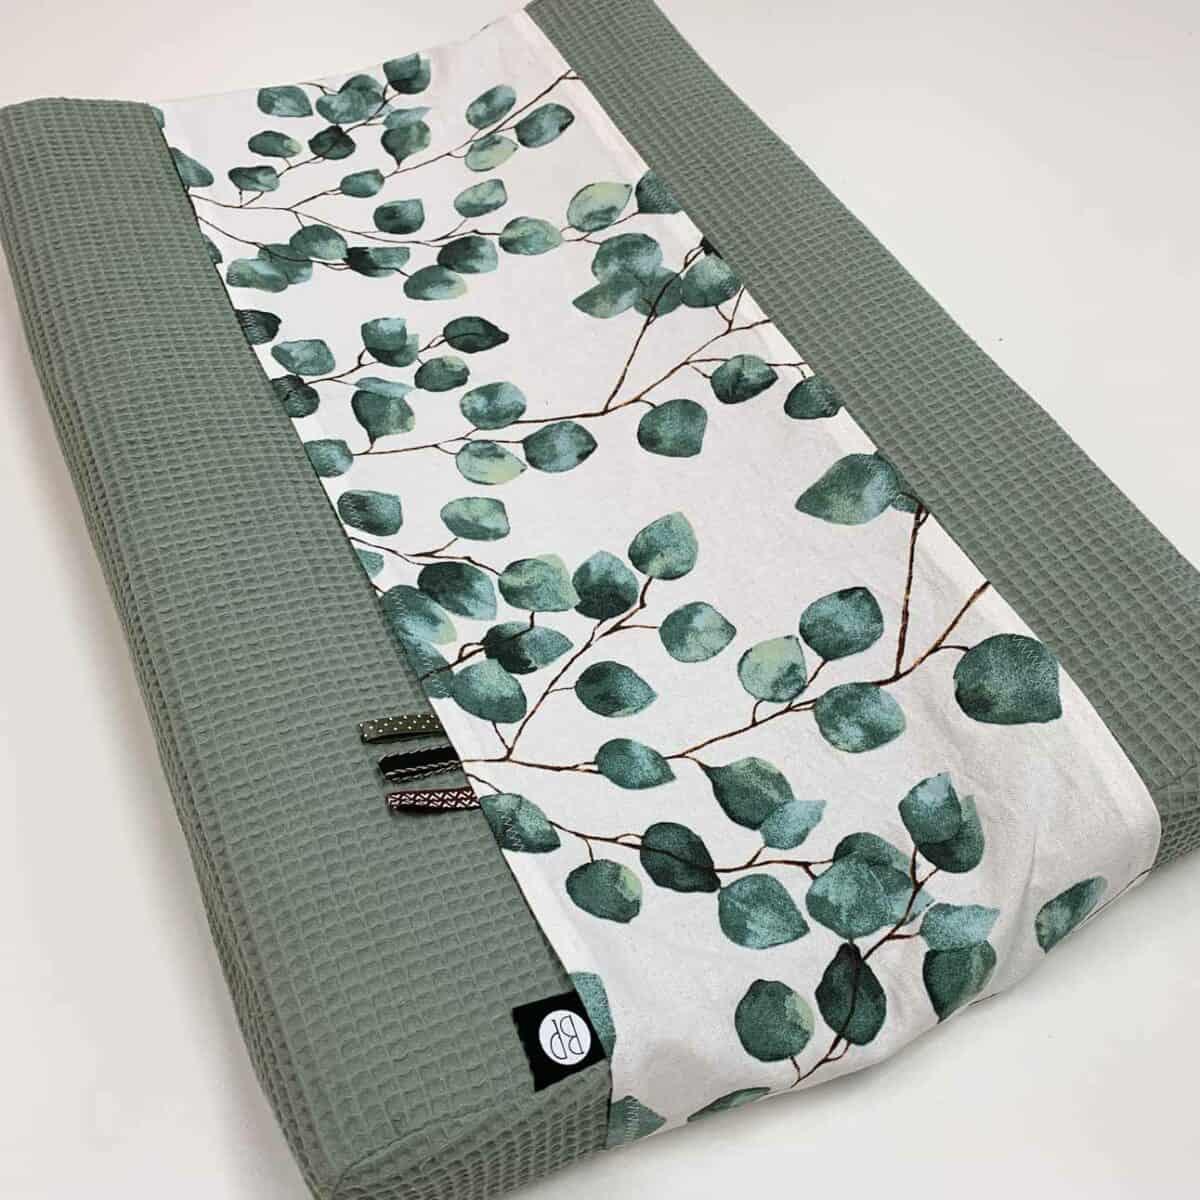 Waskussenhoes voor baby in wafel groen met eucalyptus print